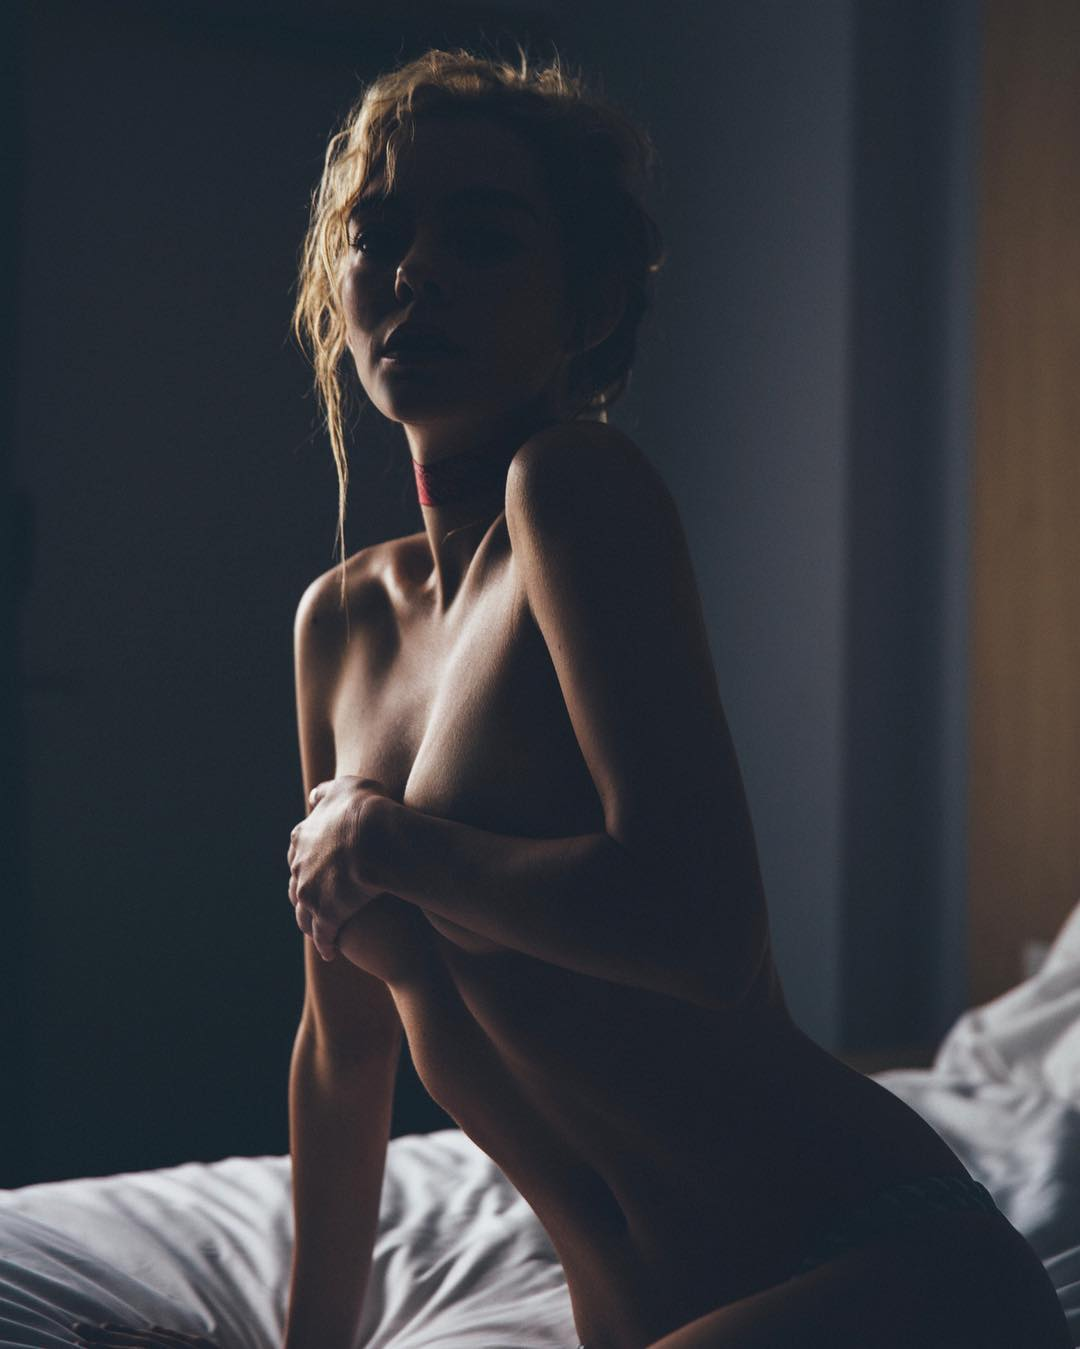 Чувственные снимки девушек от Клинта Роберта